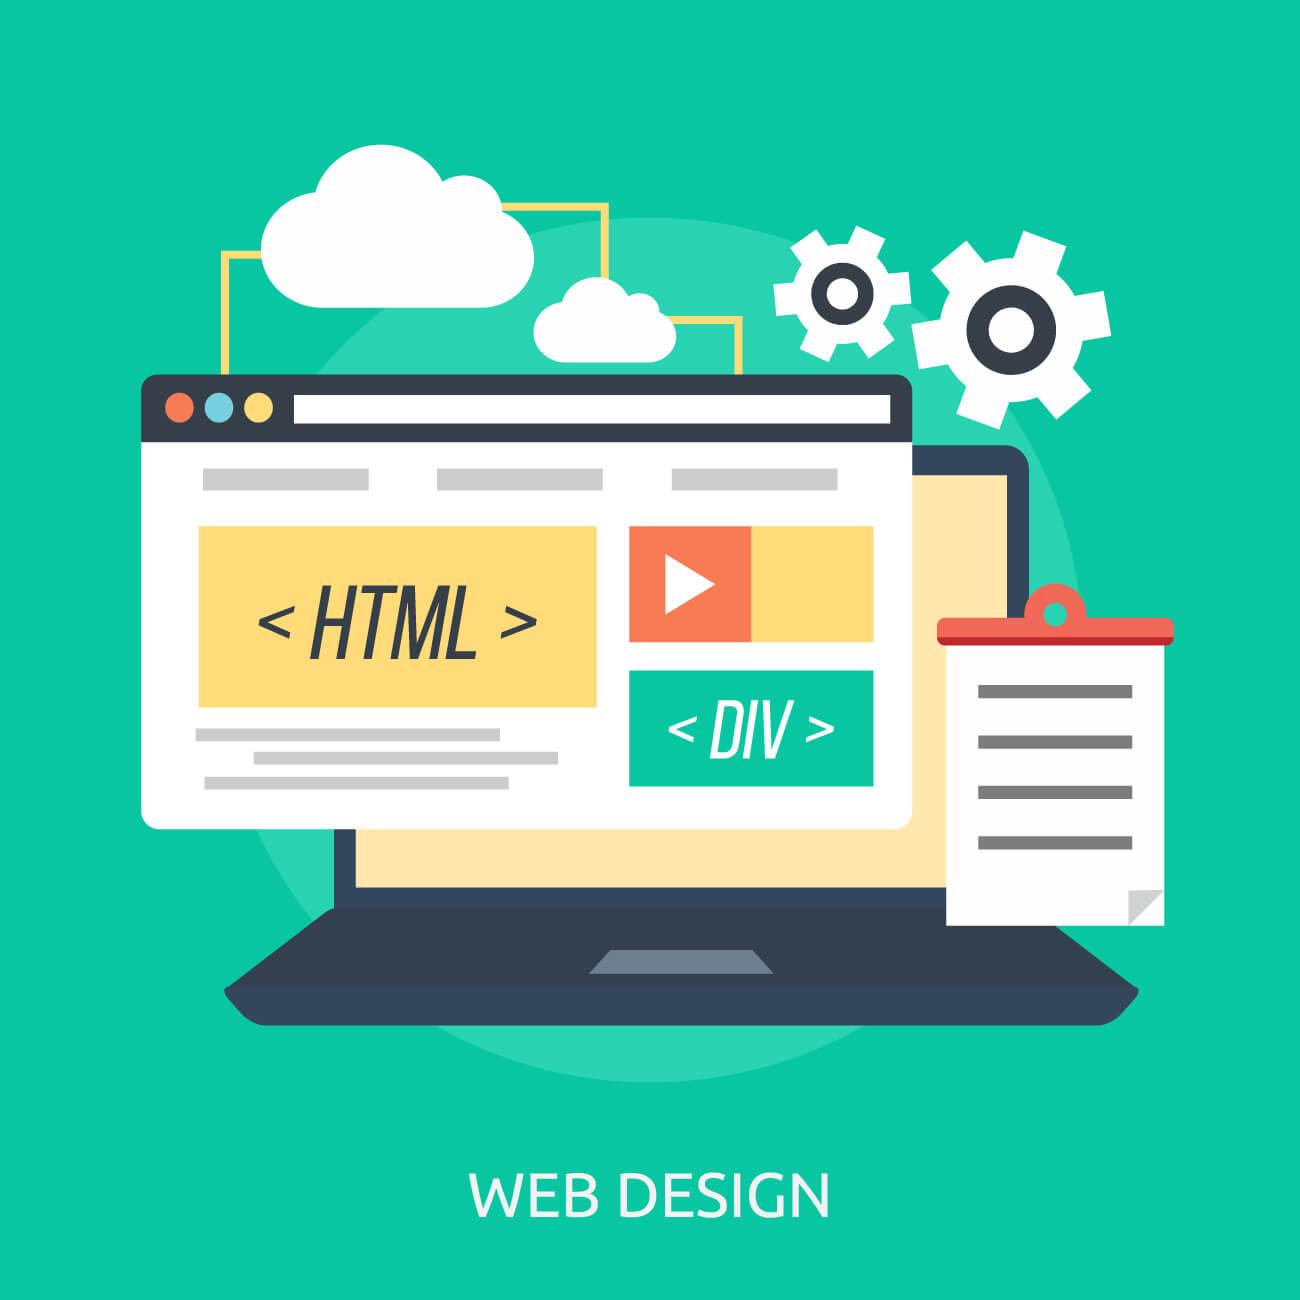 قالب های HTML در وب سایت های استاتیک